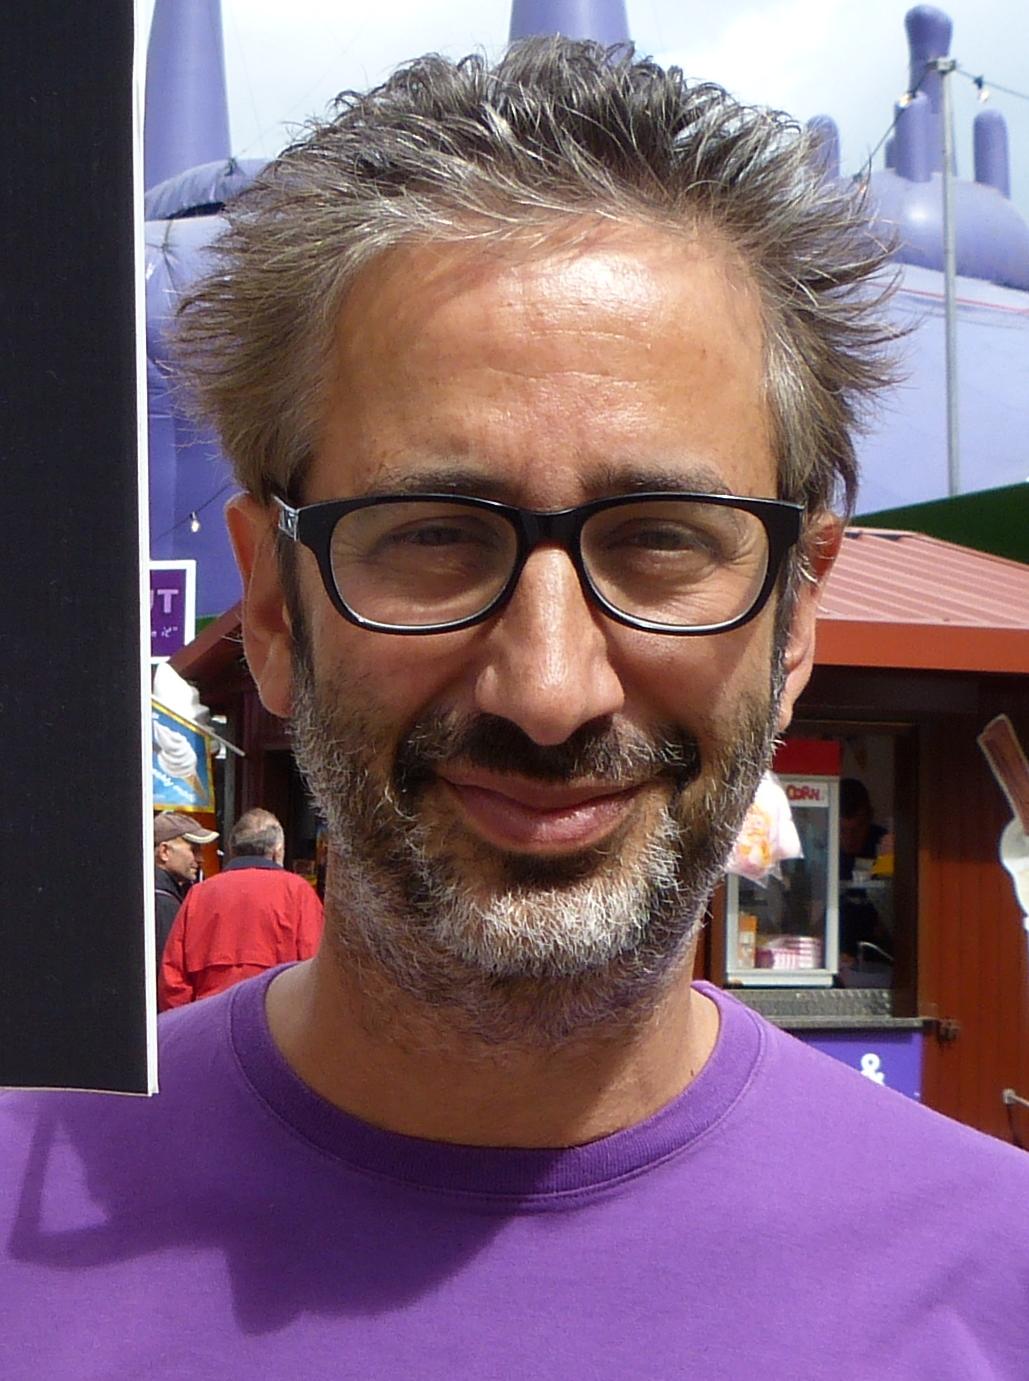 David Baddiel - Wikipedia